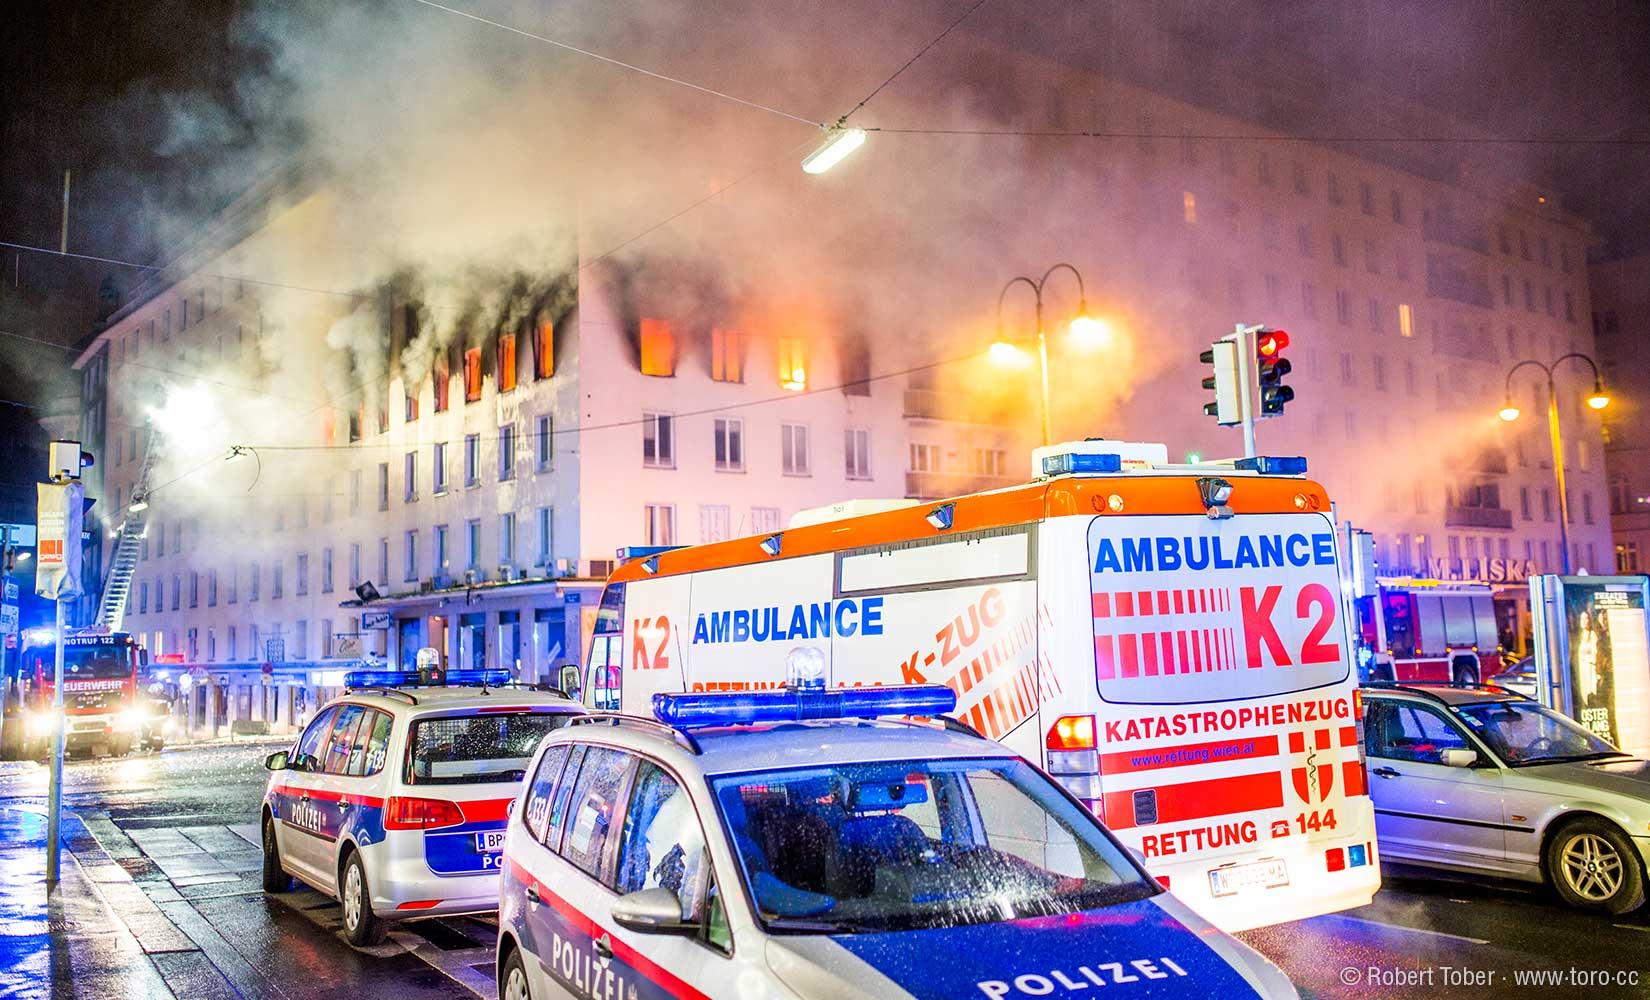 Brennendes Wohnhaus in der Wiener Innenstadt. Polizeifahrzeuge und Katastrophenzug K2 der Rettung vor Ort. © Robert Tober